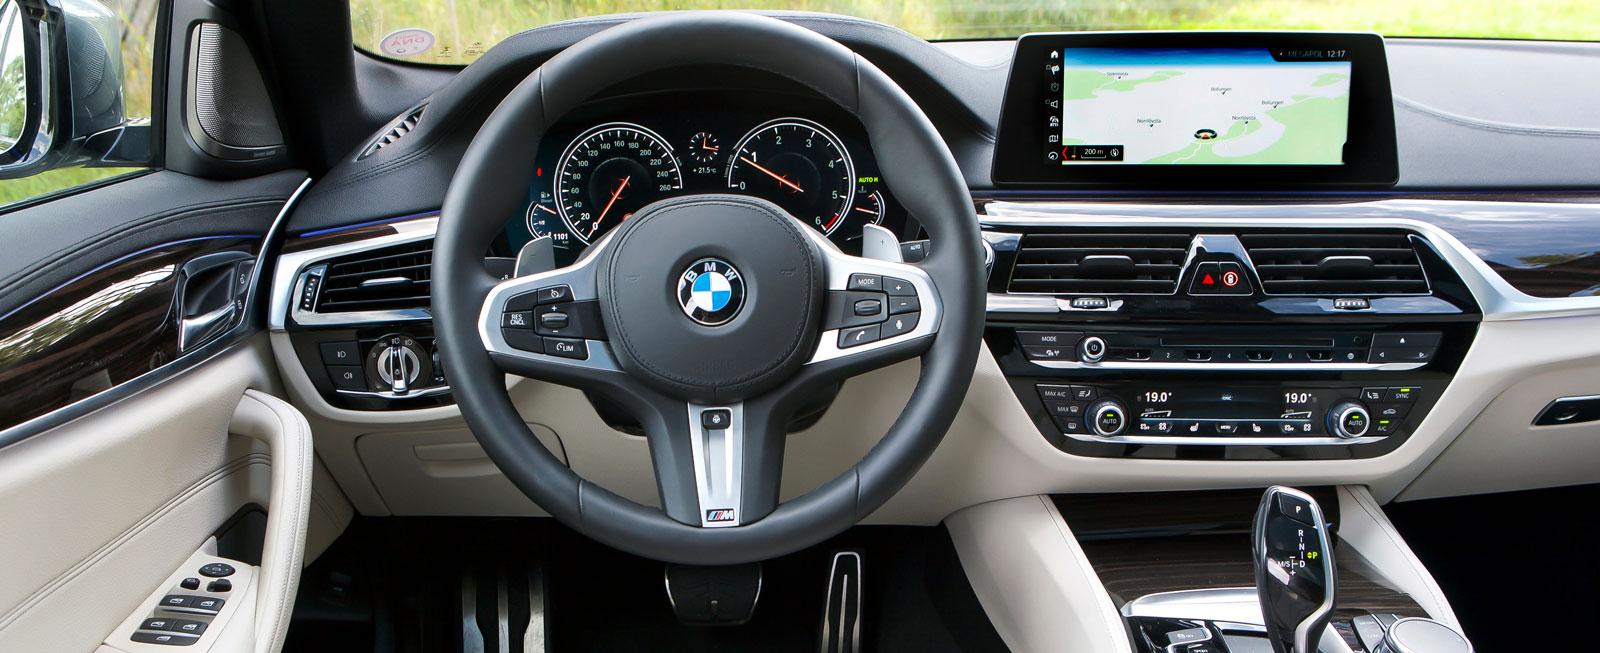 Ren lyxkänsla, lättskött och suverän detaljfinish, men knappast revolutionerande design – i senaste 5-serien känner BMW-föraren snabbt igen sig.